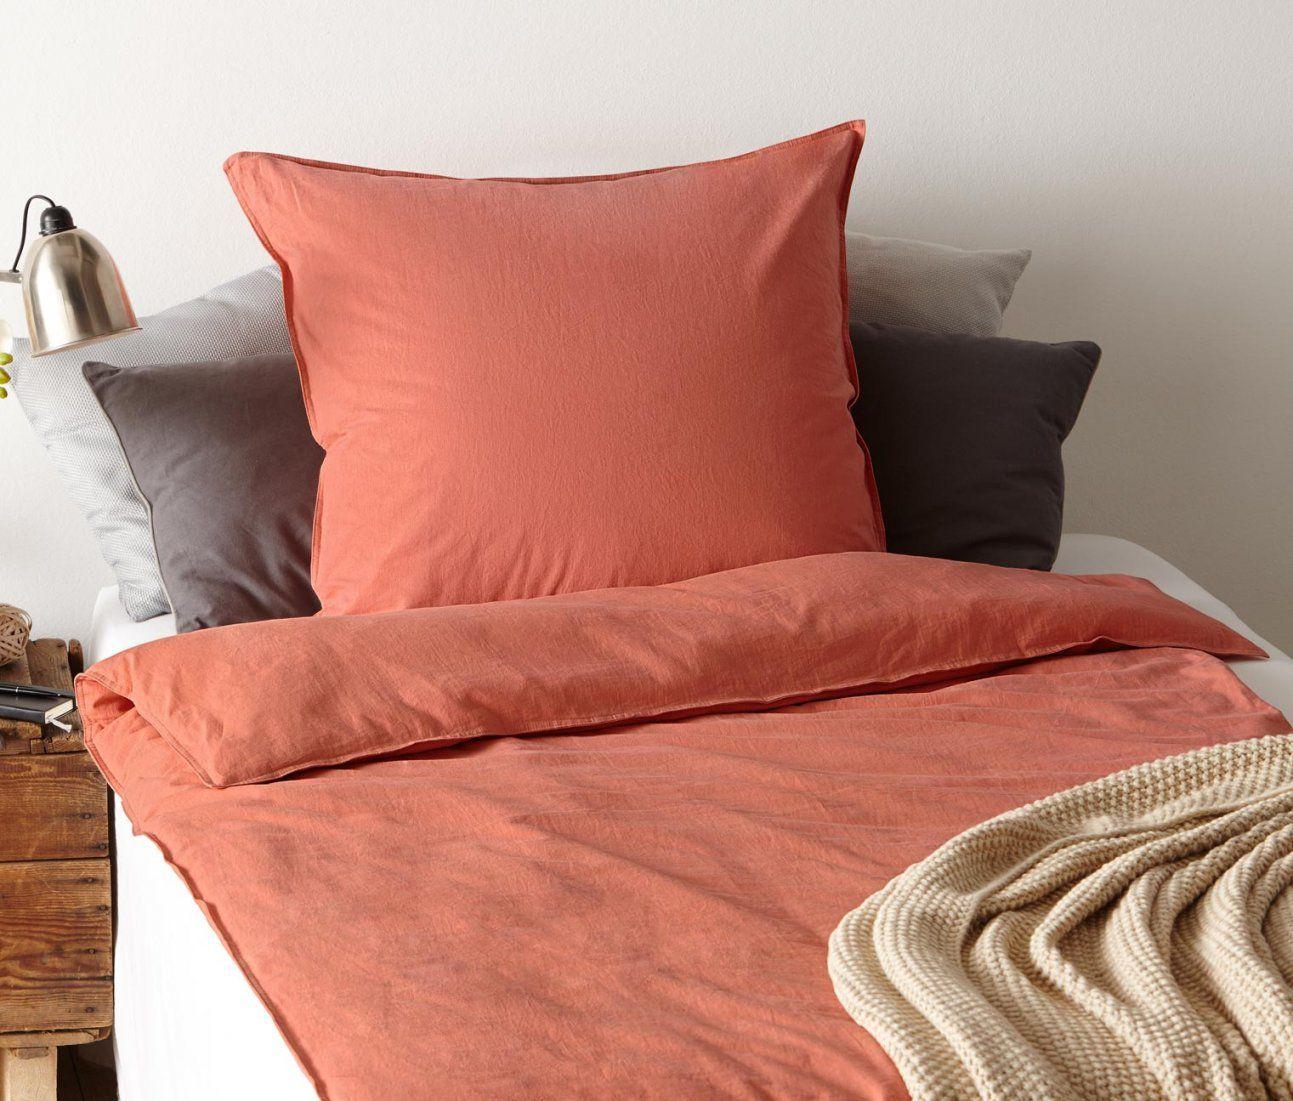 Bettwäsche Normalgröße Online Bestellen Bei Tchibo 314416 von Bettwäsche Normale Maße Photo